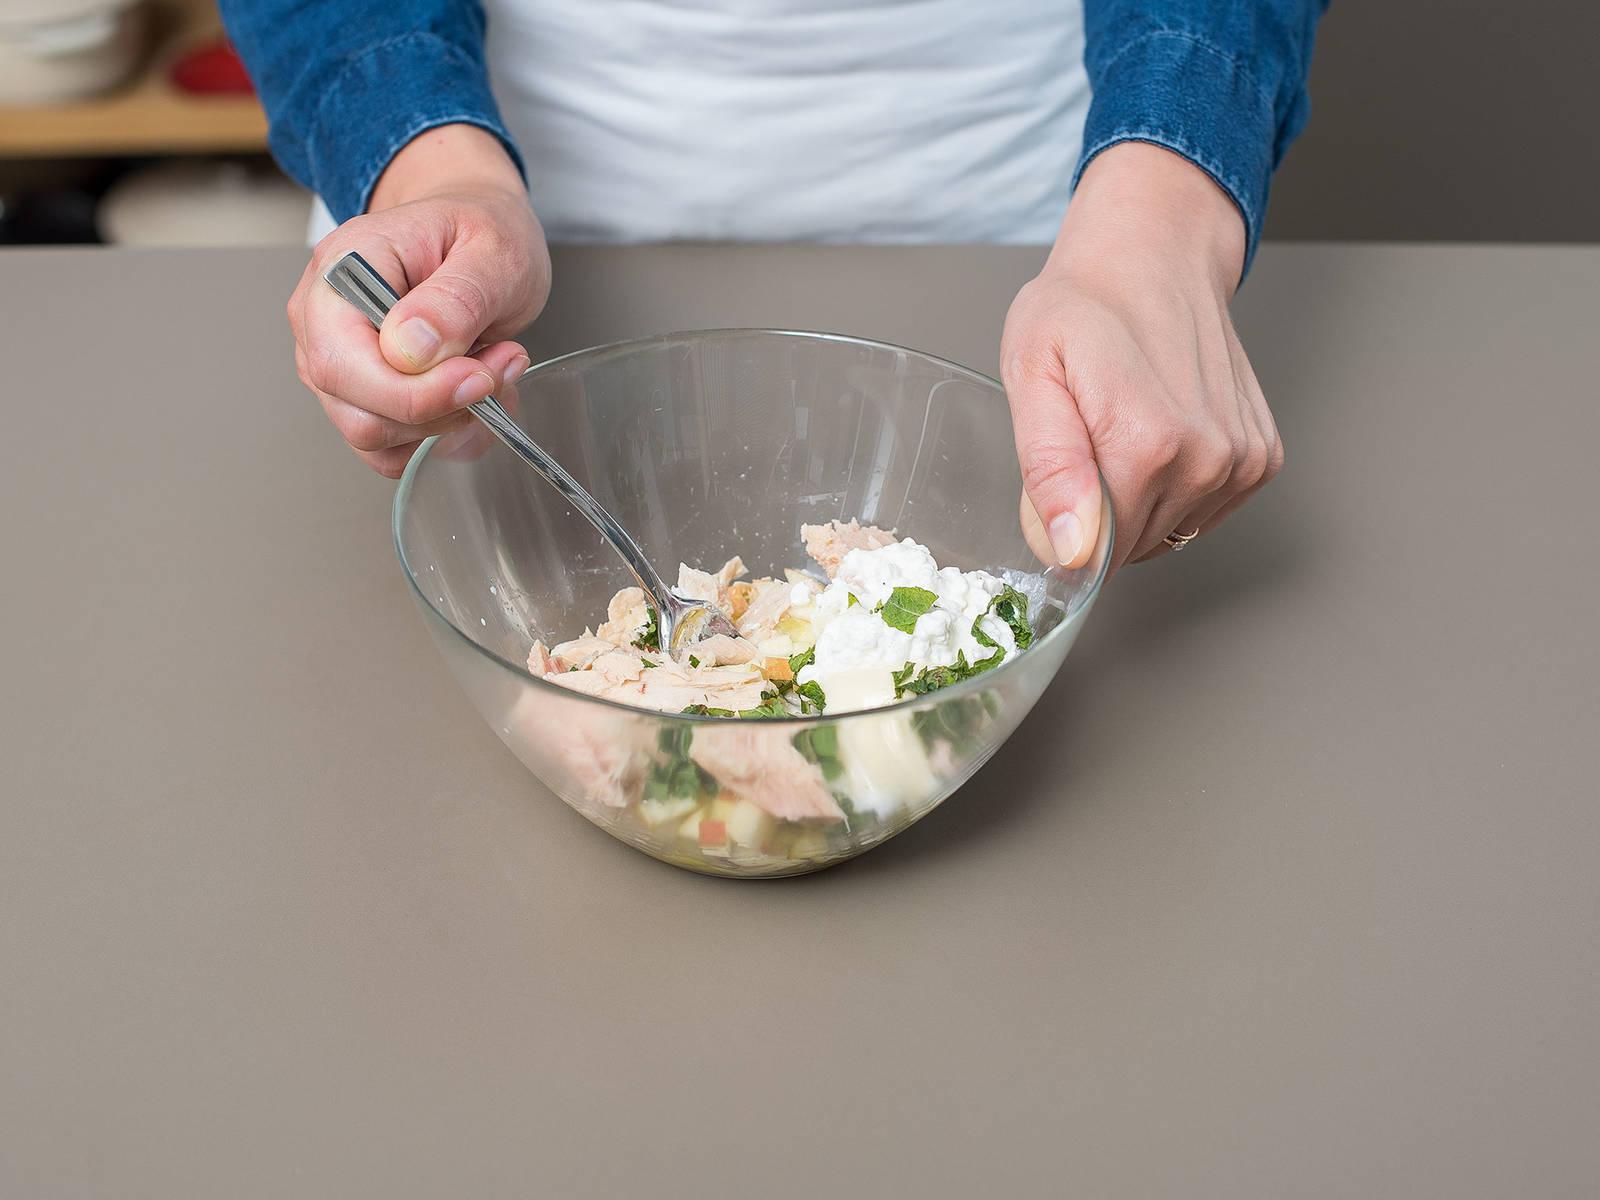 Apfel, Zwiebel, Essiggurken, Minze, Kapern, Hüttenkäse, Mayonnaise und Essig in einer Rührschüssel vermengen. Thunfisch abgießen und untermischen. Mit Salz und Pfeffer abschmecken und ca. 10 Min. ziehen lassen.